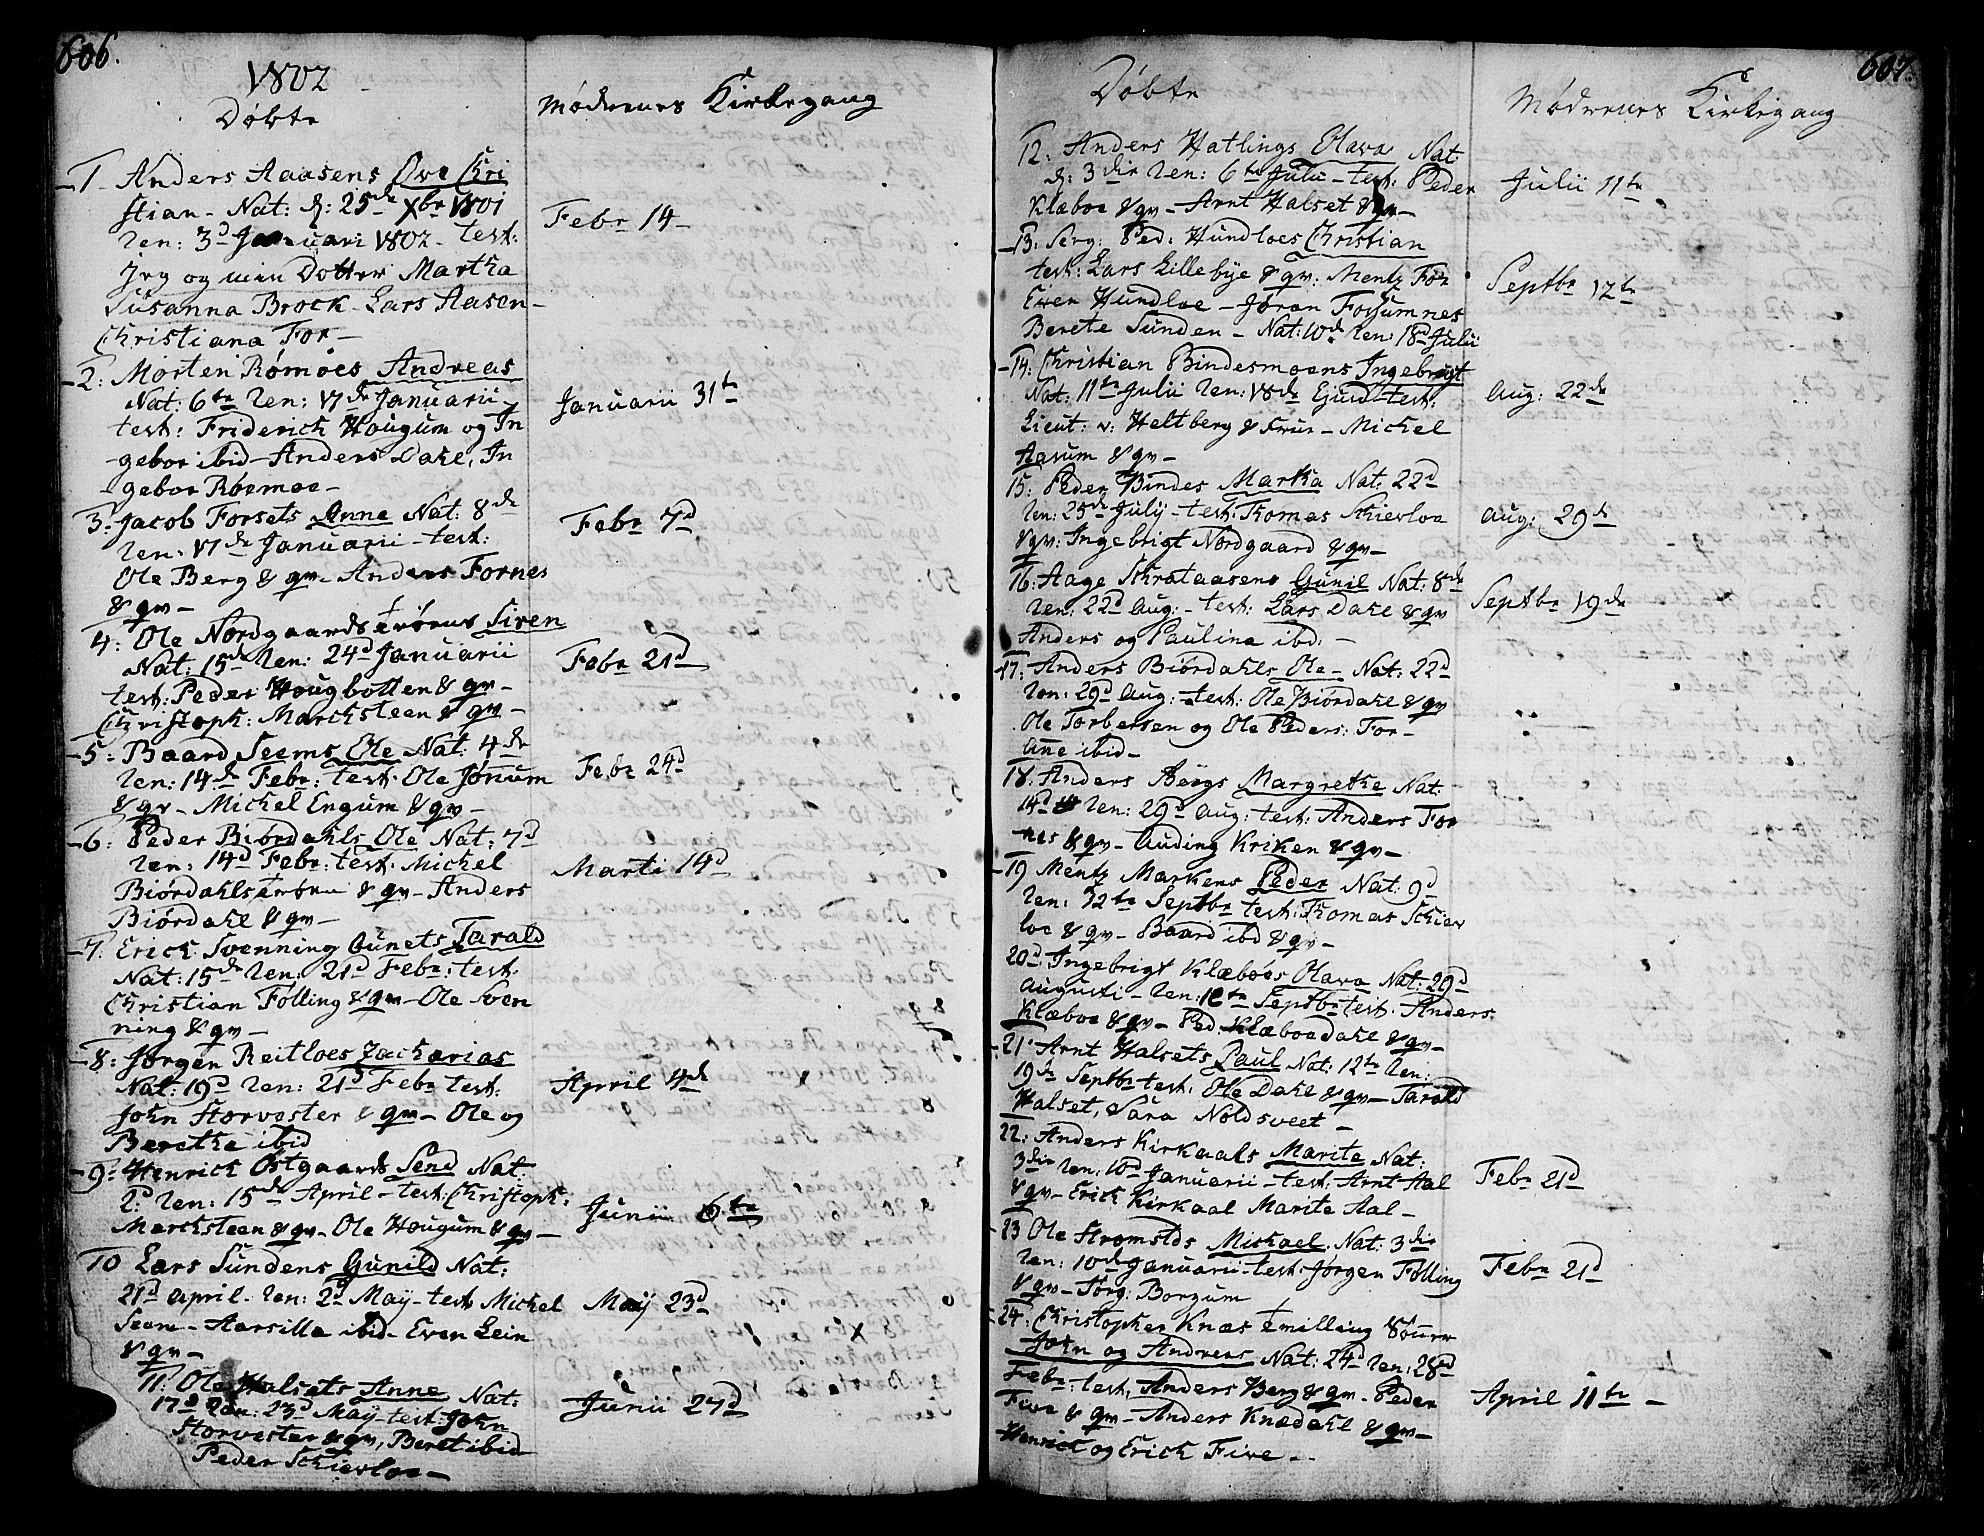 SAT, Ministerialprotokoller, klokkerbøker og fødselsregistre - Nord-Trøndelag, 746/L0440: Ministerialbok nr. 746A02, 1760-1815, s. 606-607